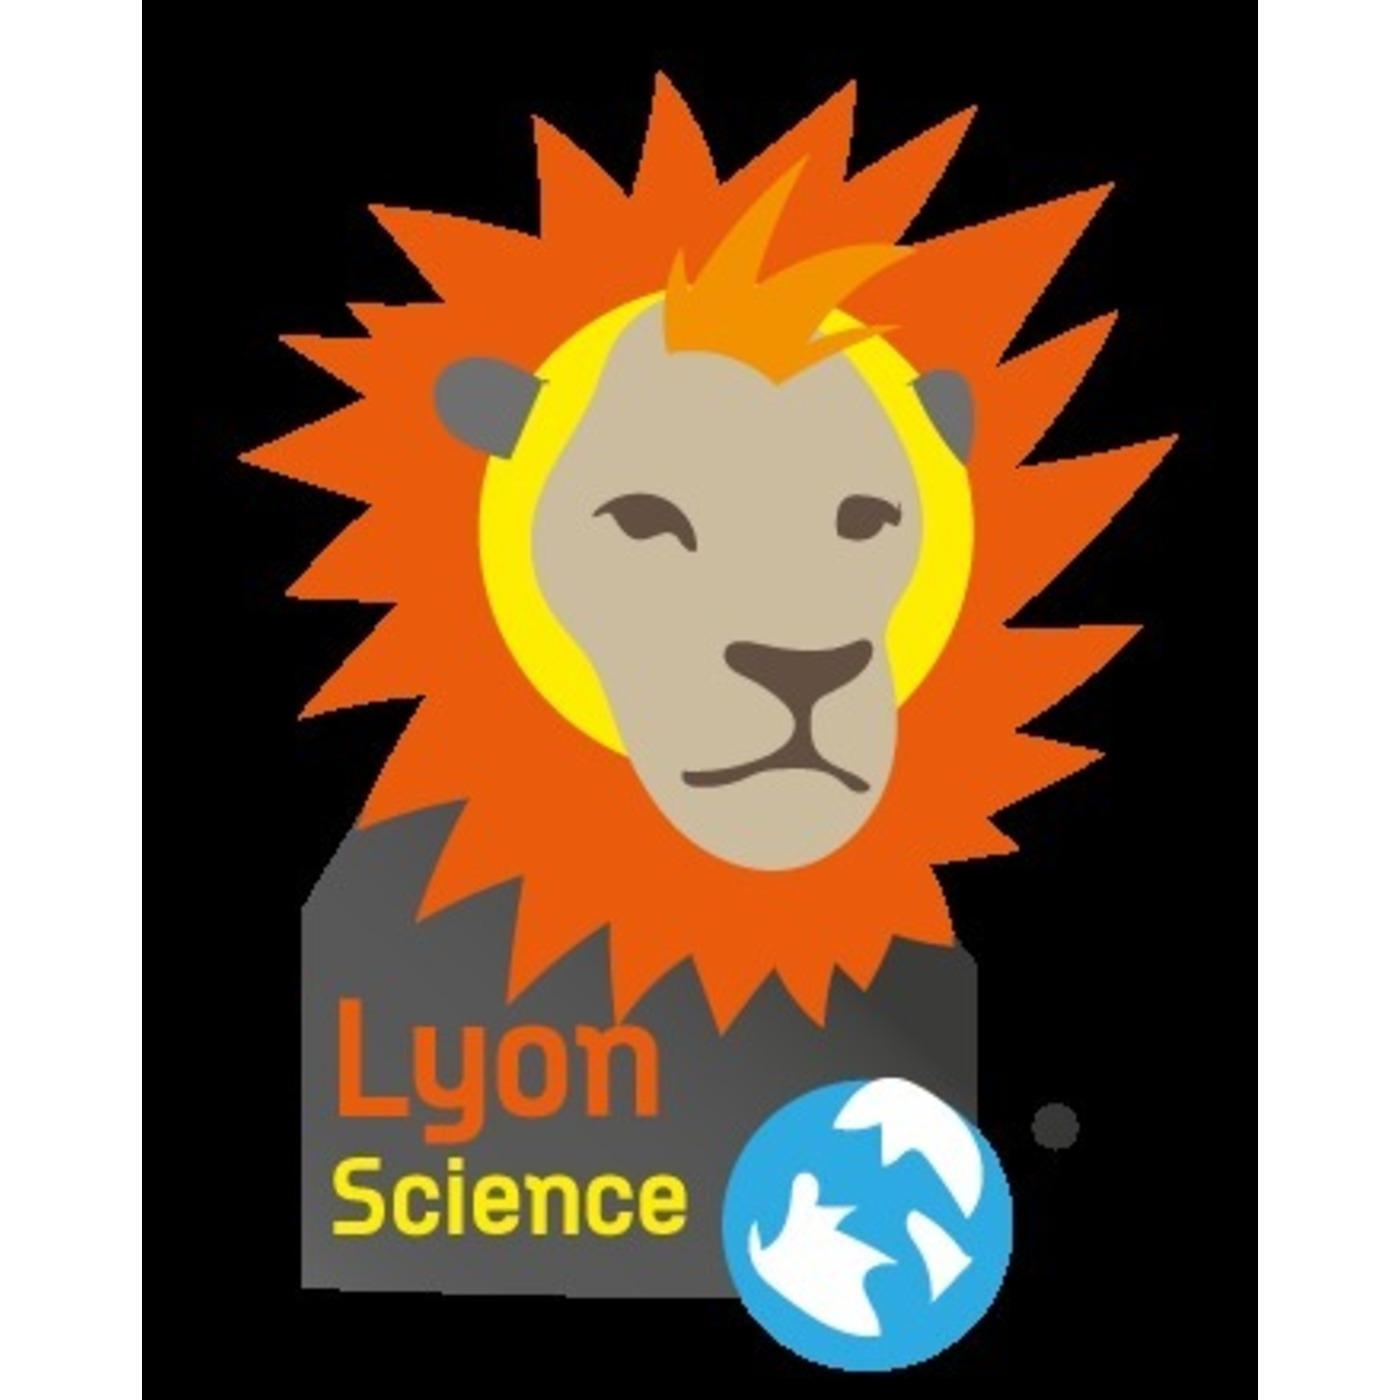 LisezLaScience - HS-5 - Lyon Science - version complète